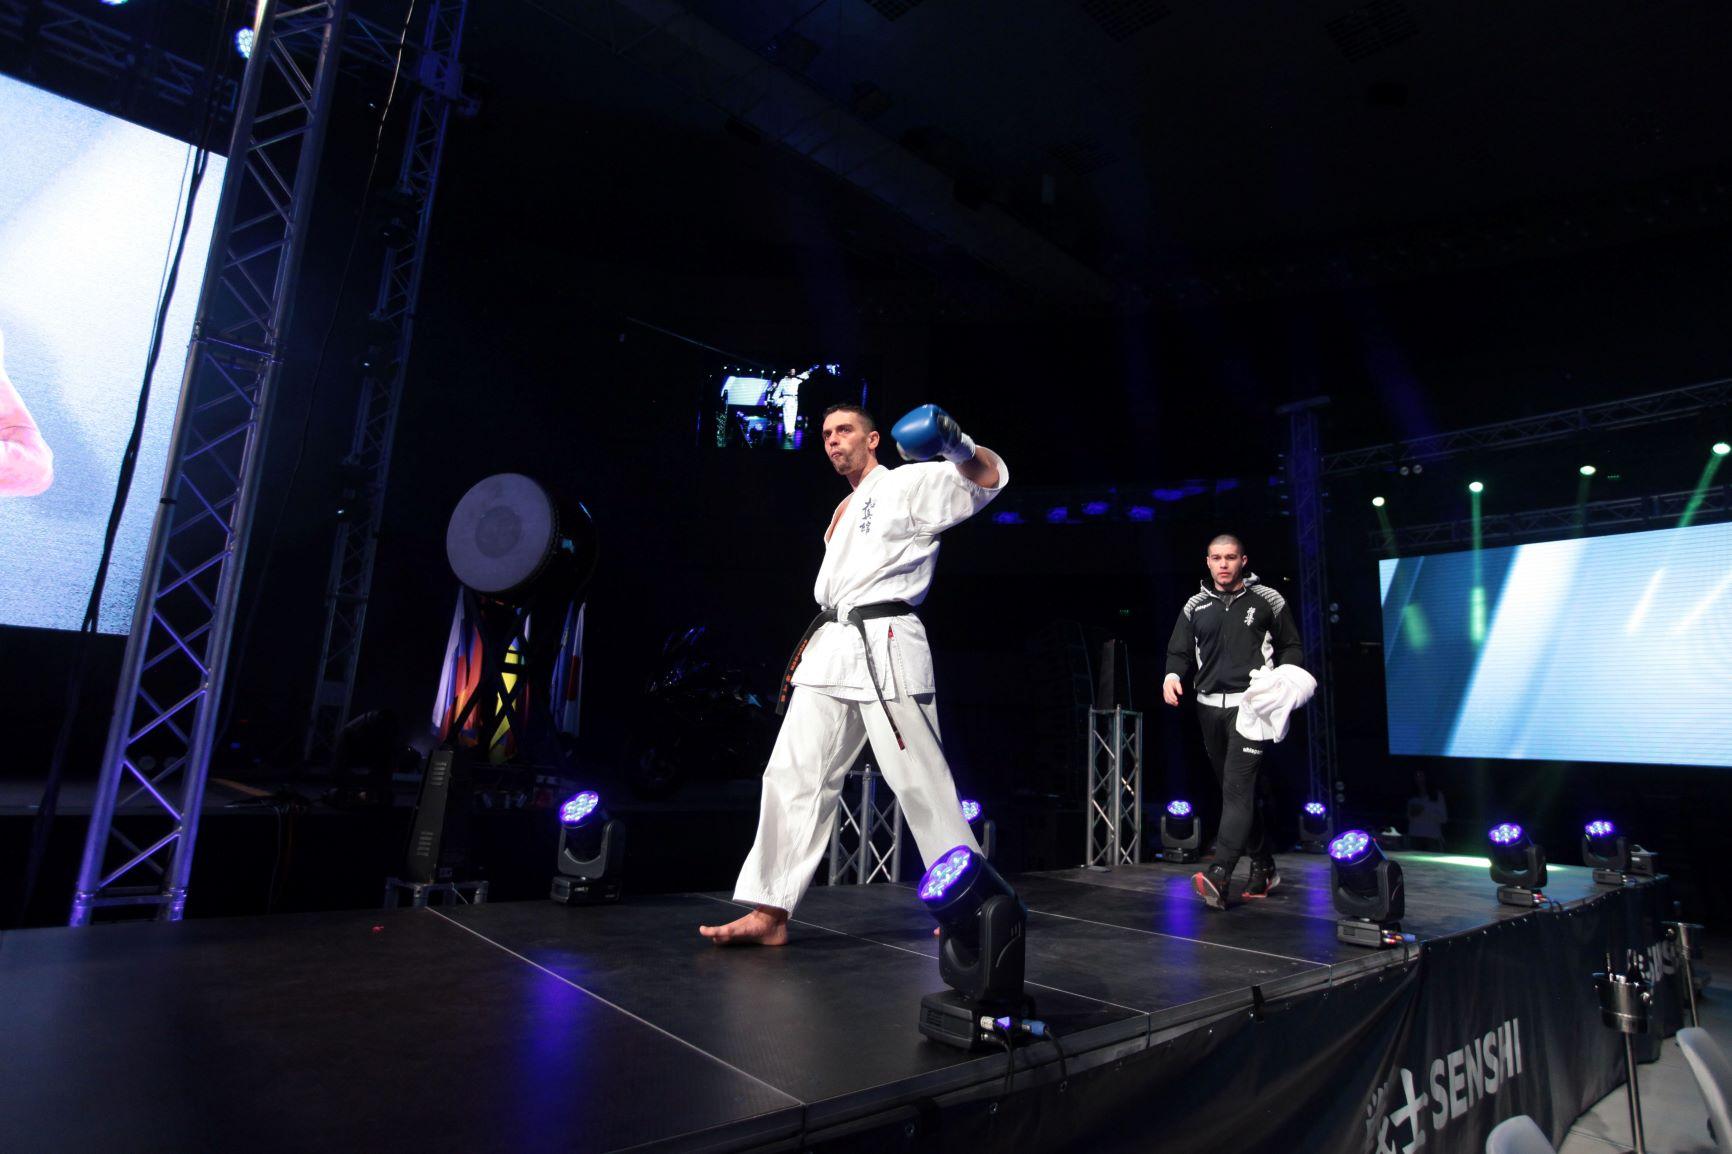 ВИДЕО: Драматичната битка на Йоргов и Бейджи от SENSHI 5